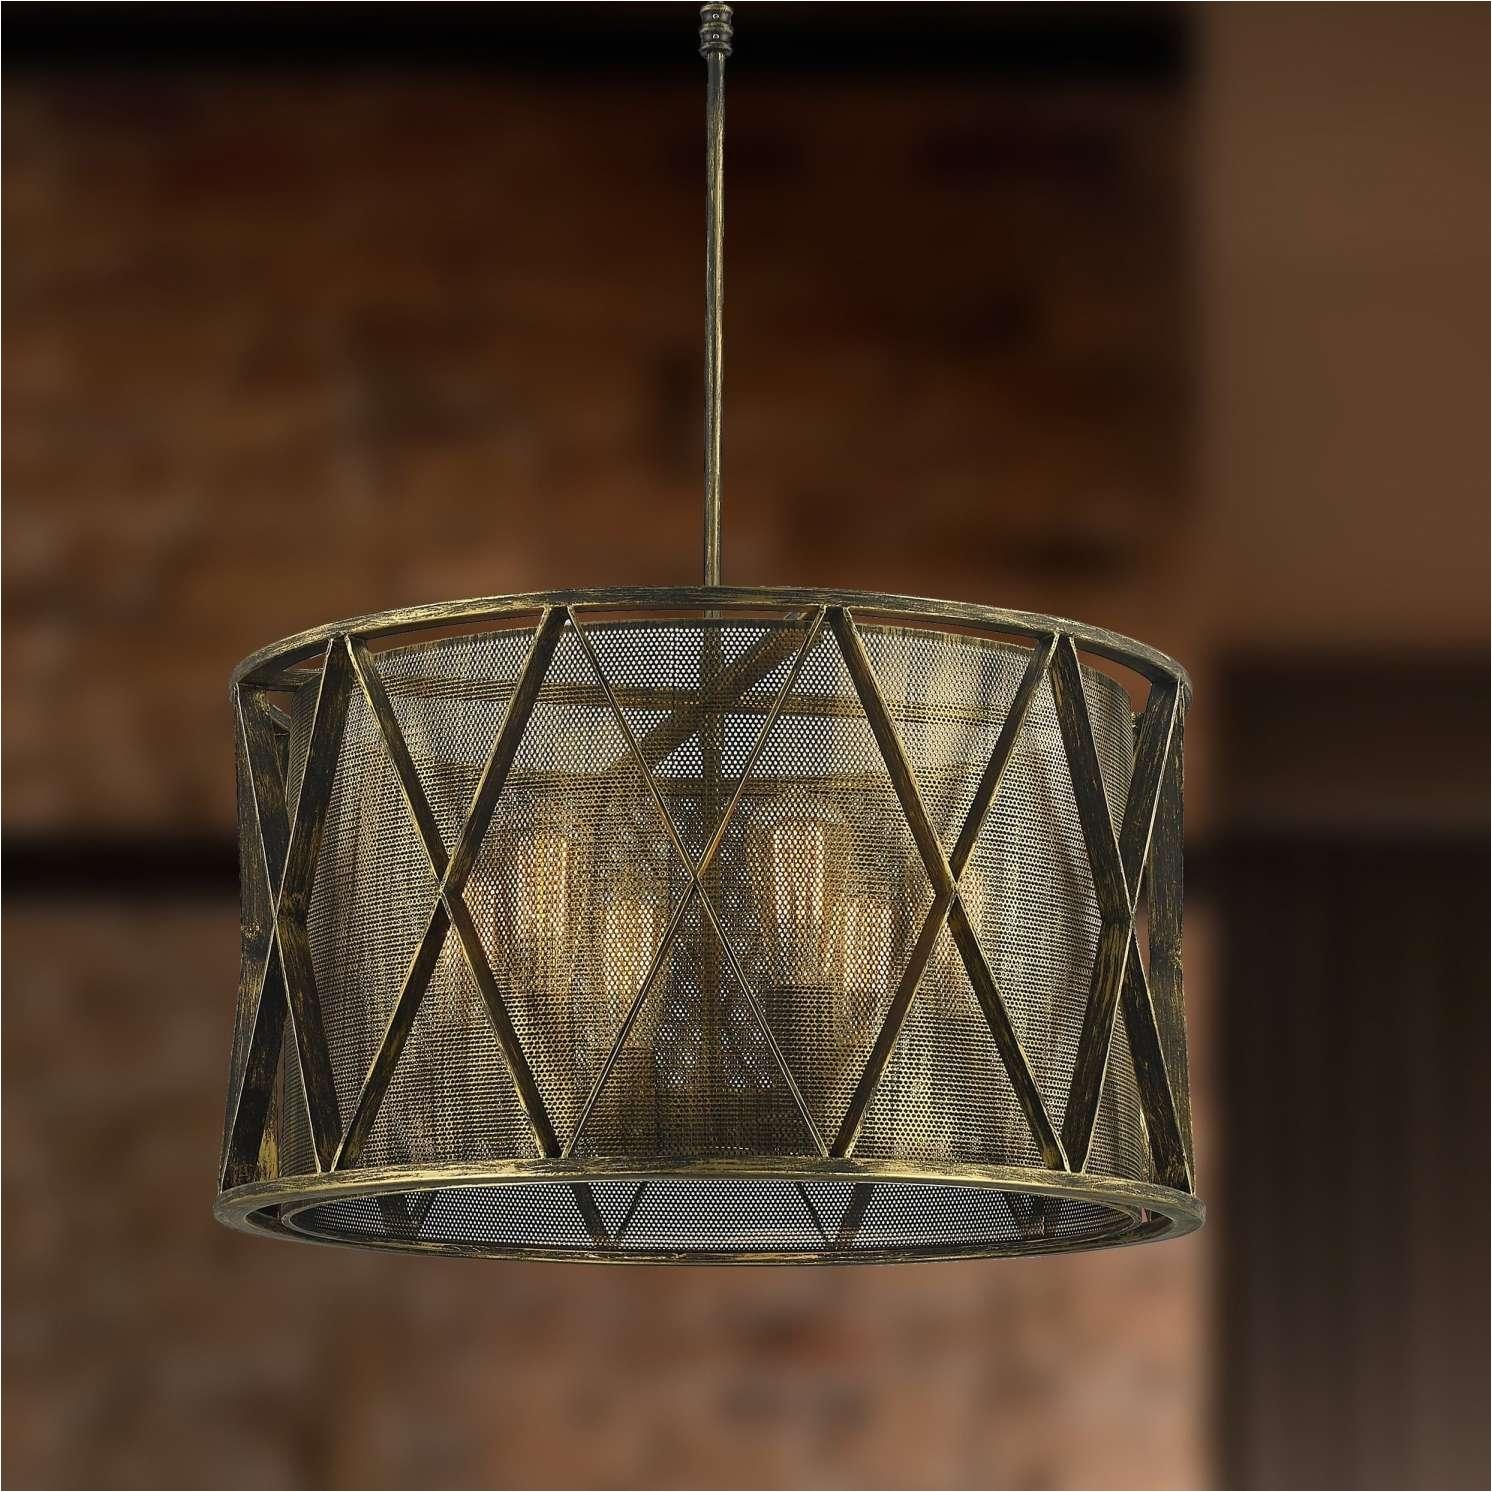 led light lamp for led lights for home interior new lamps lamp art lamp art 0d